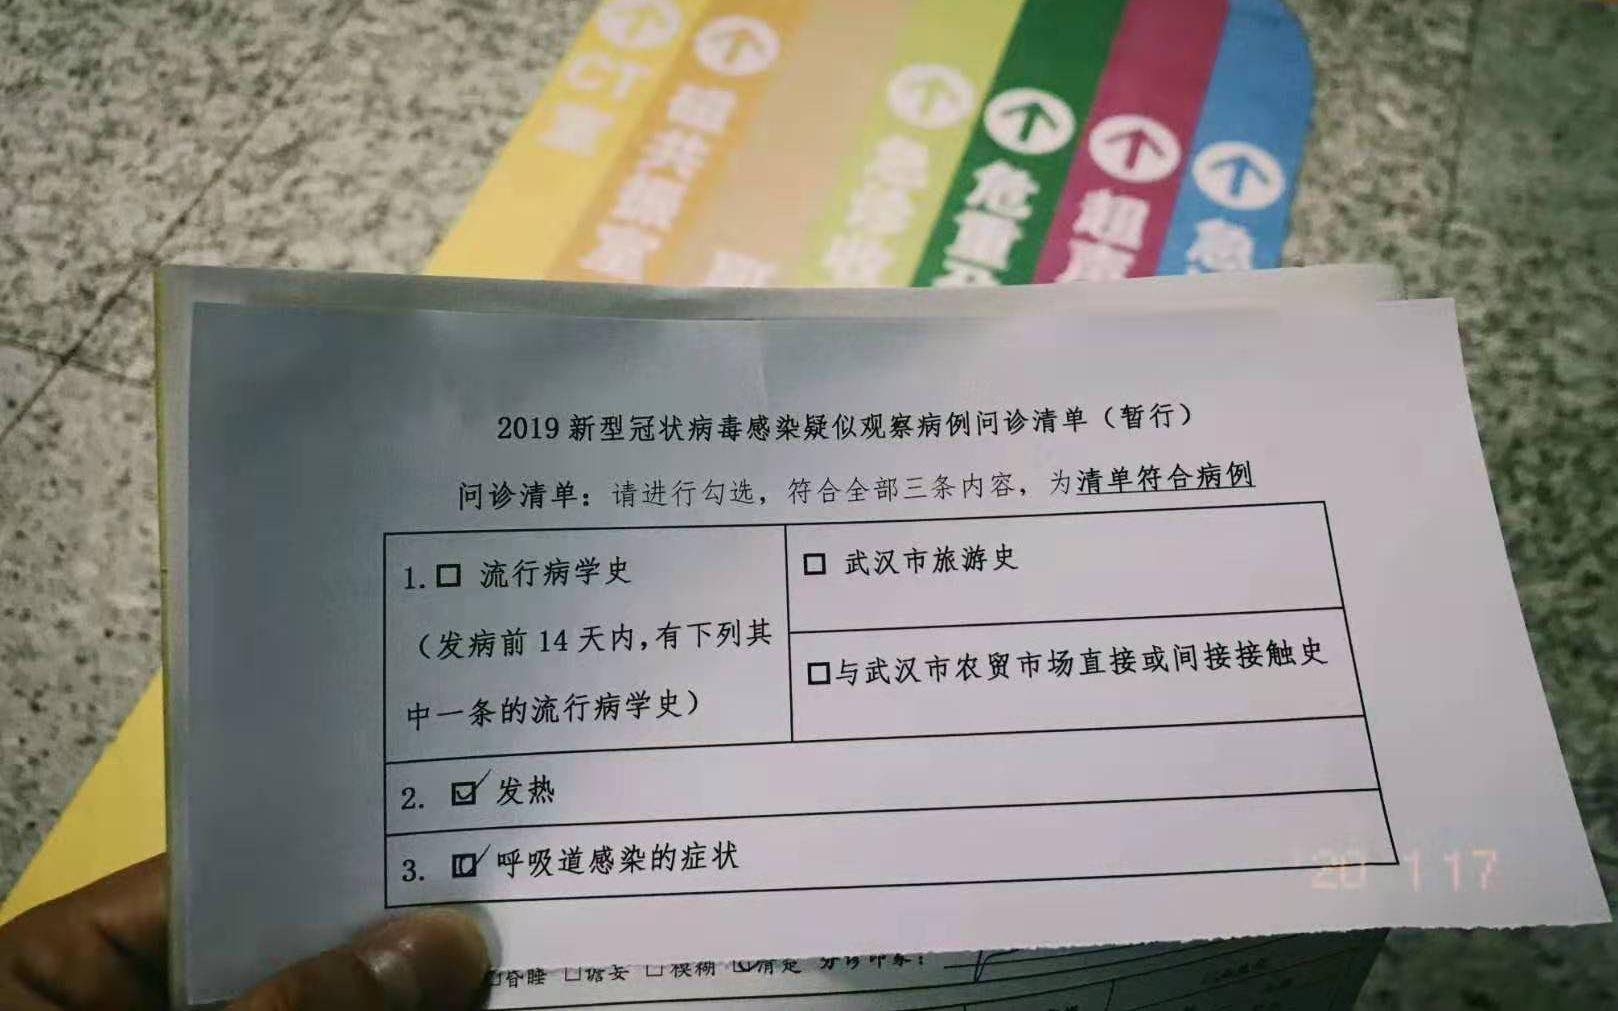 北京医院为受访者发放的问诊清单。受访者供图